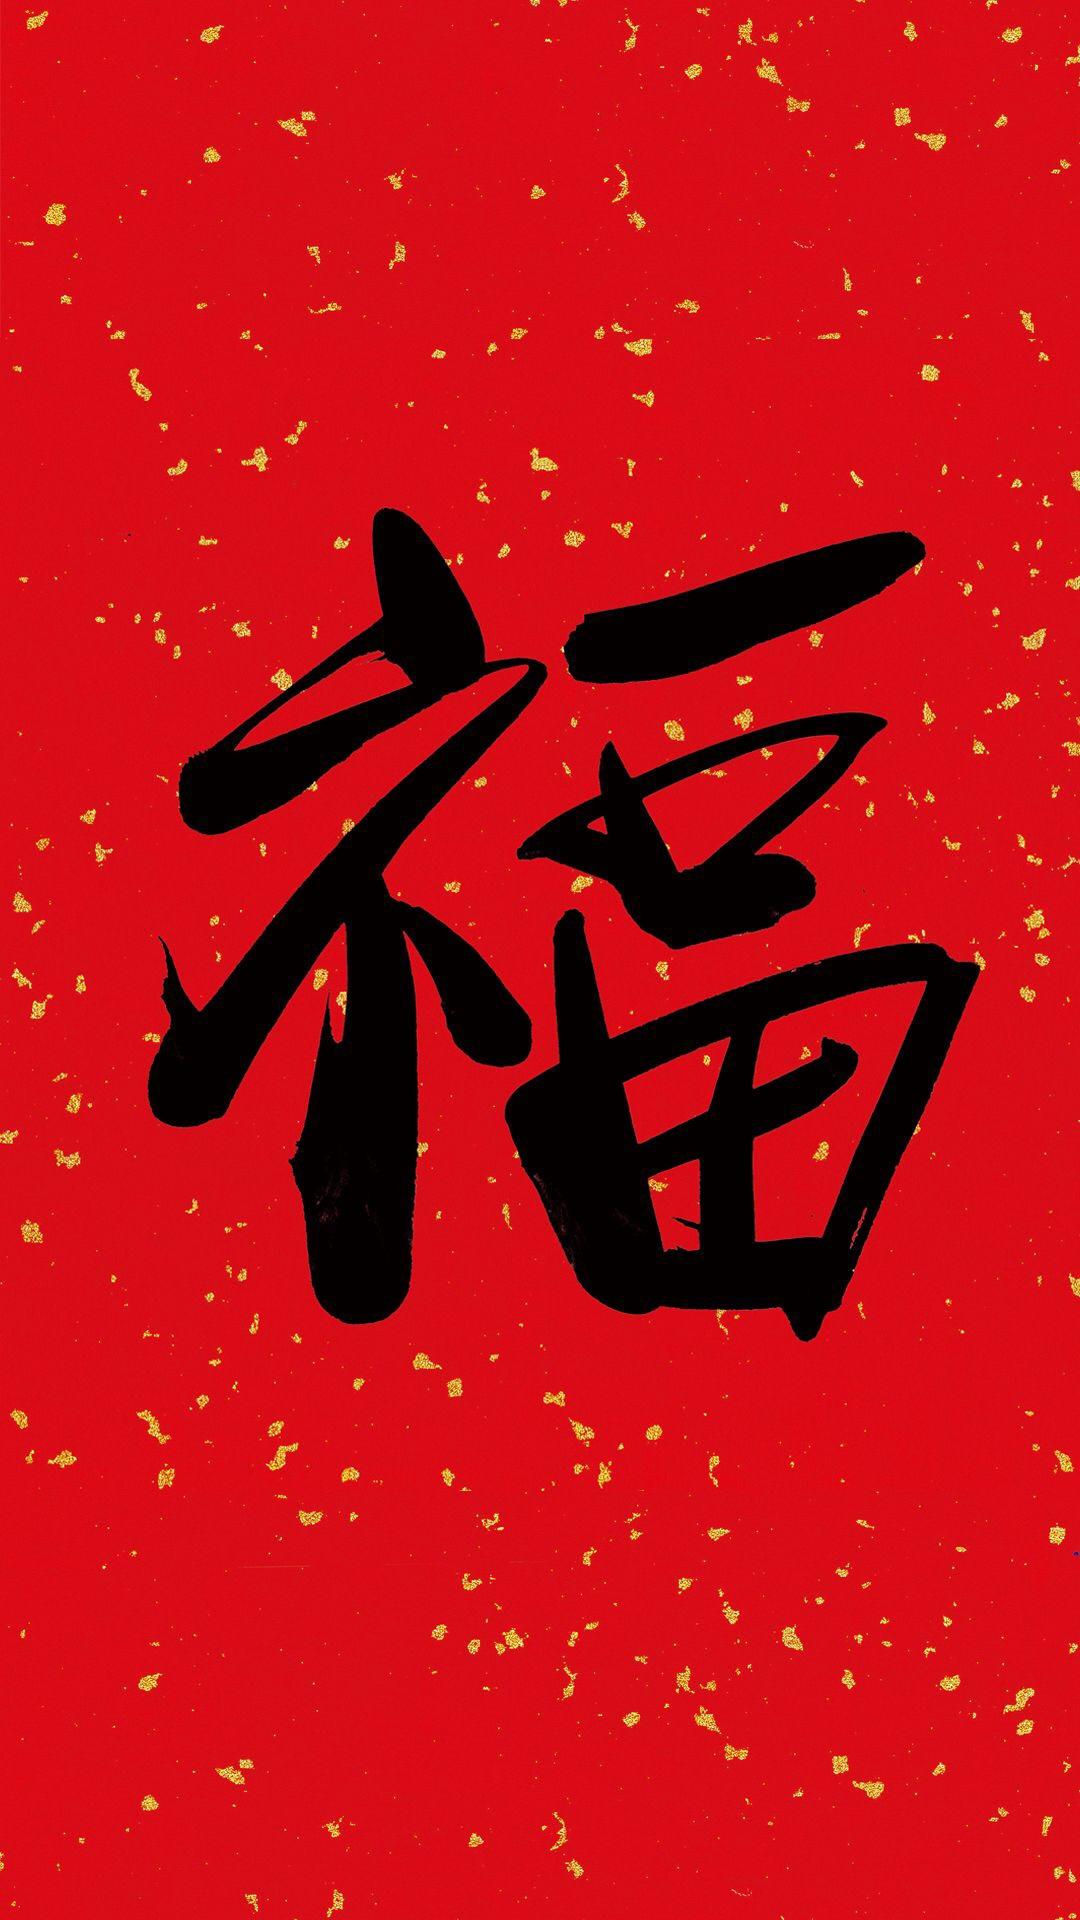 福 书法 春节 红色 节日 苹果手机高清壁纸 1080x1920